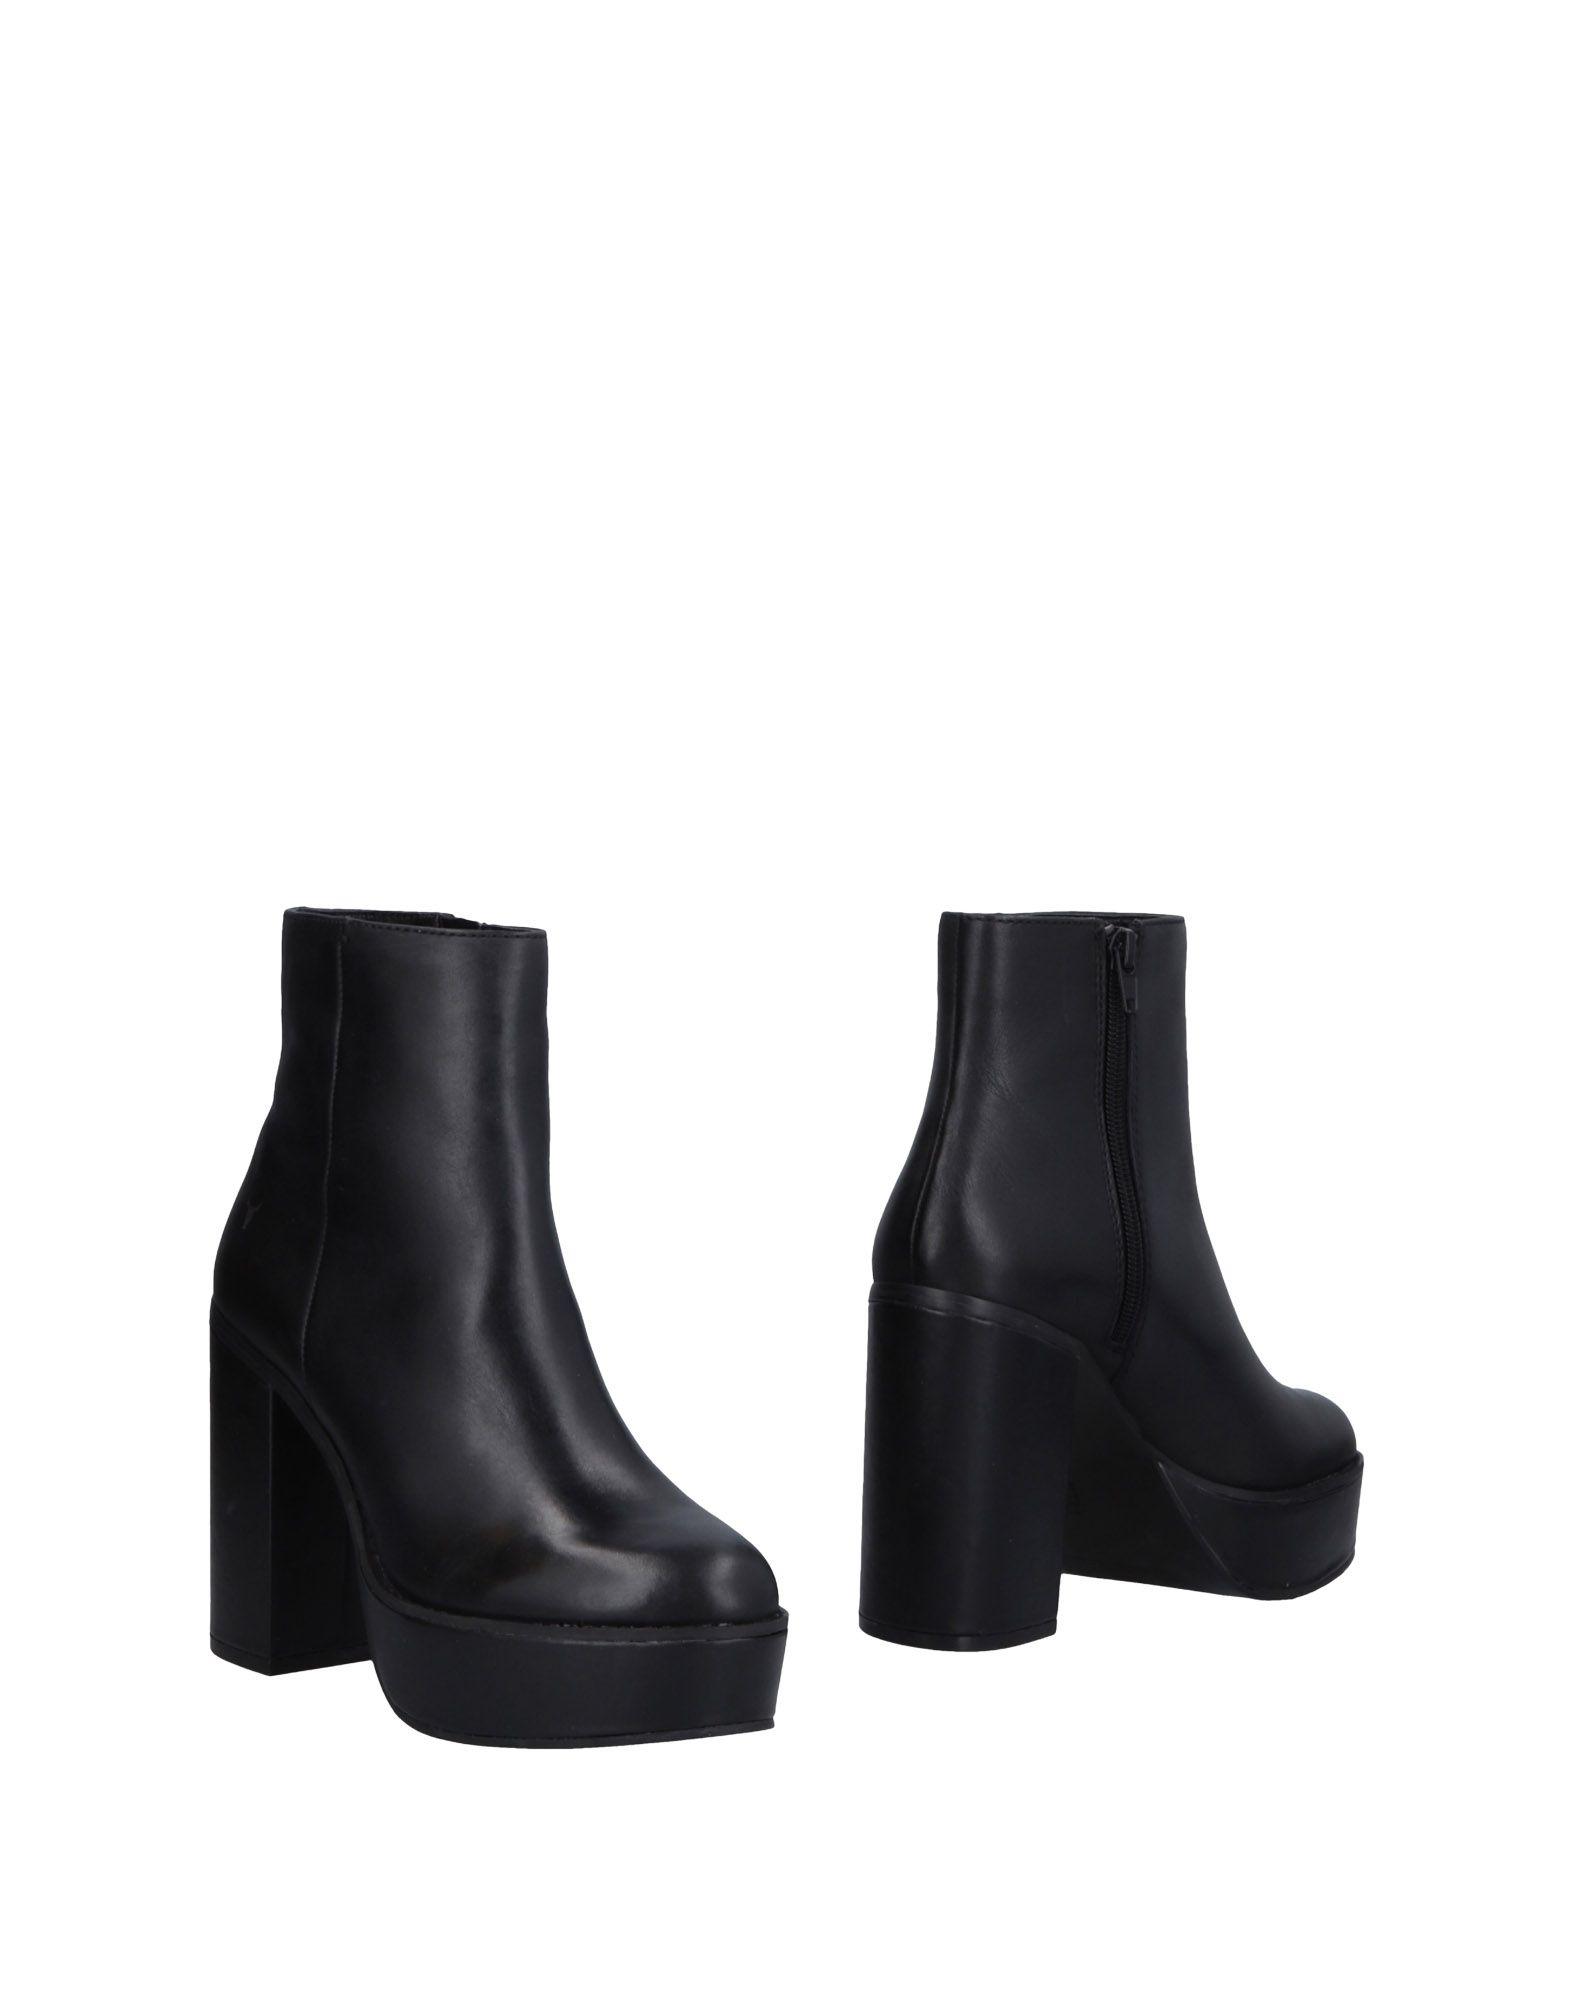 Gut um billige Stiefelette Schuhe zu tragenWindsor Smith Stiefelette billige Damen  11456326JI 77818d